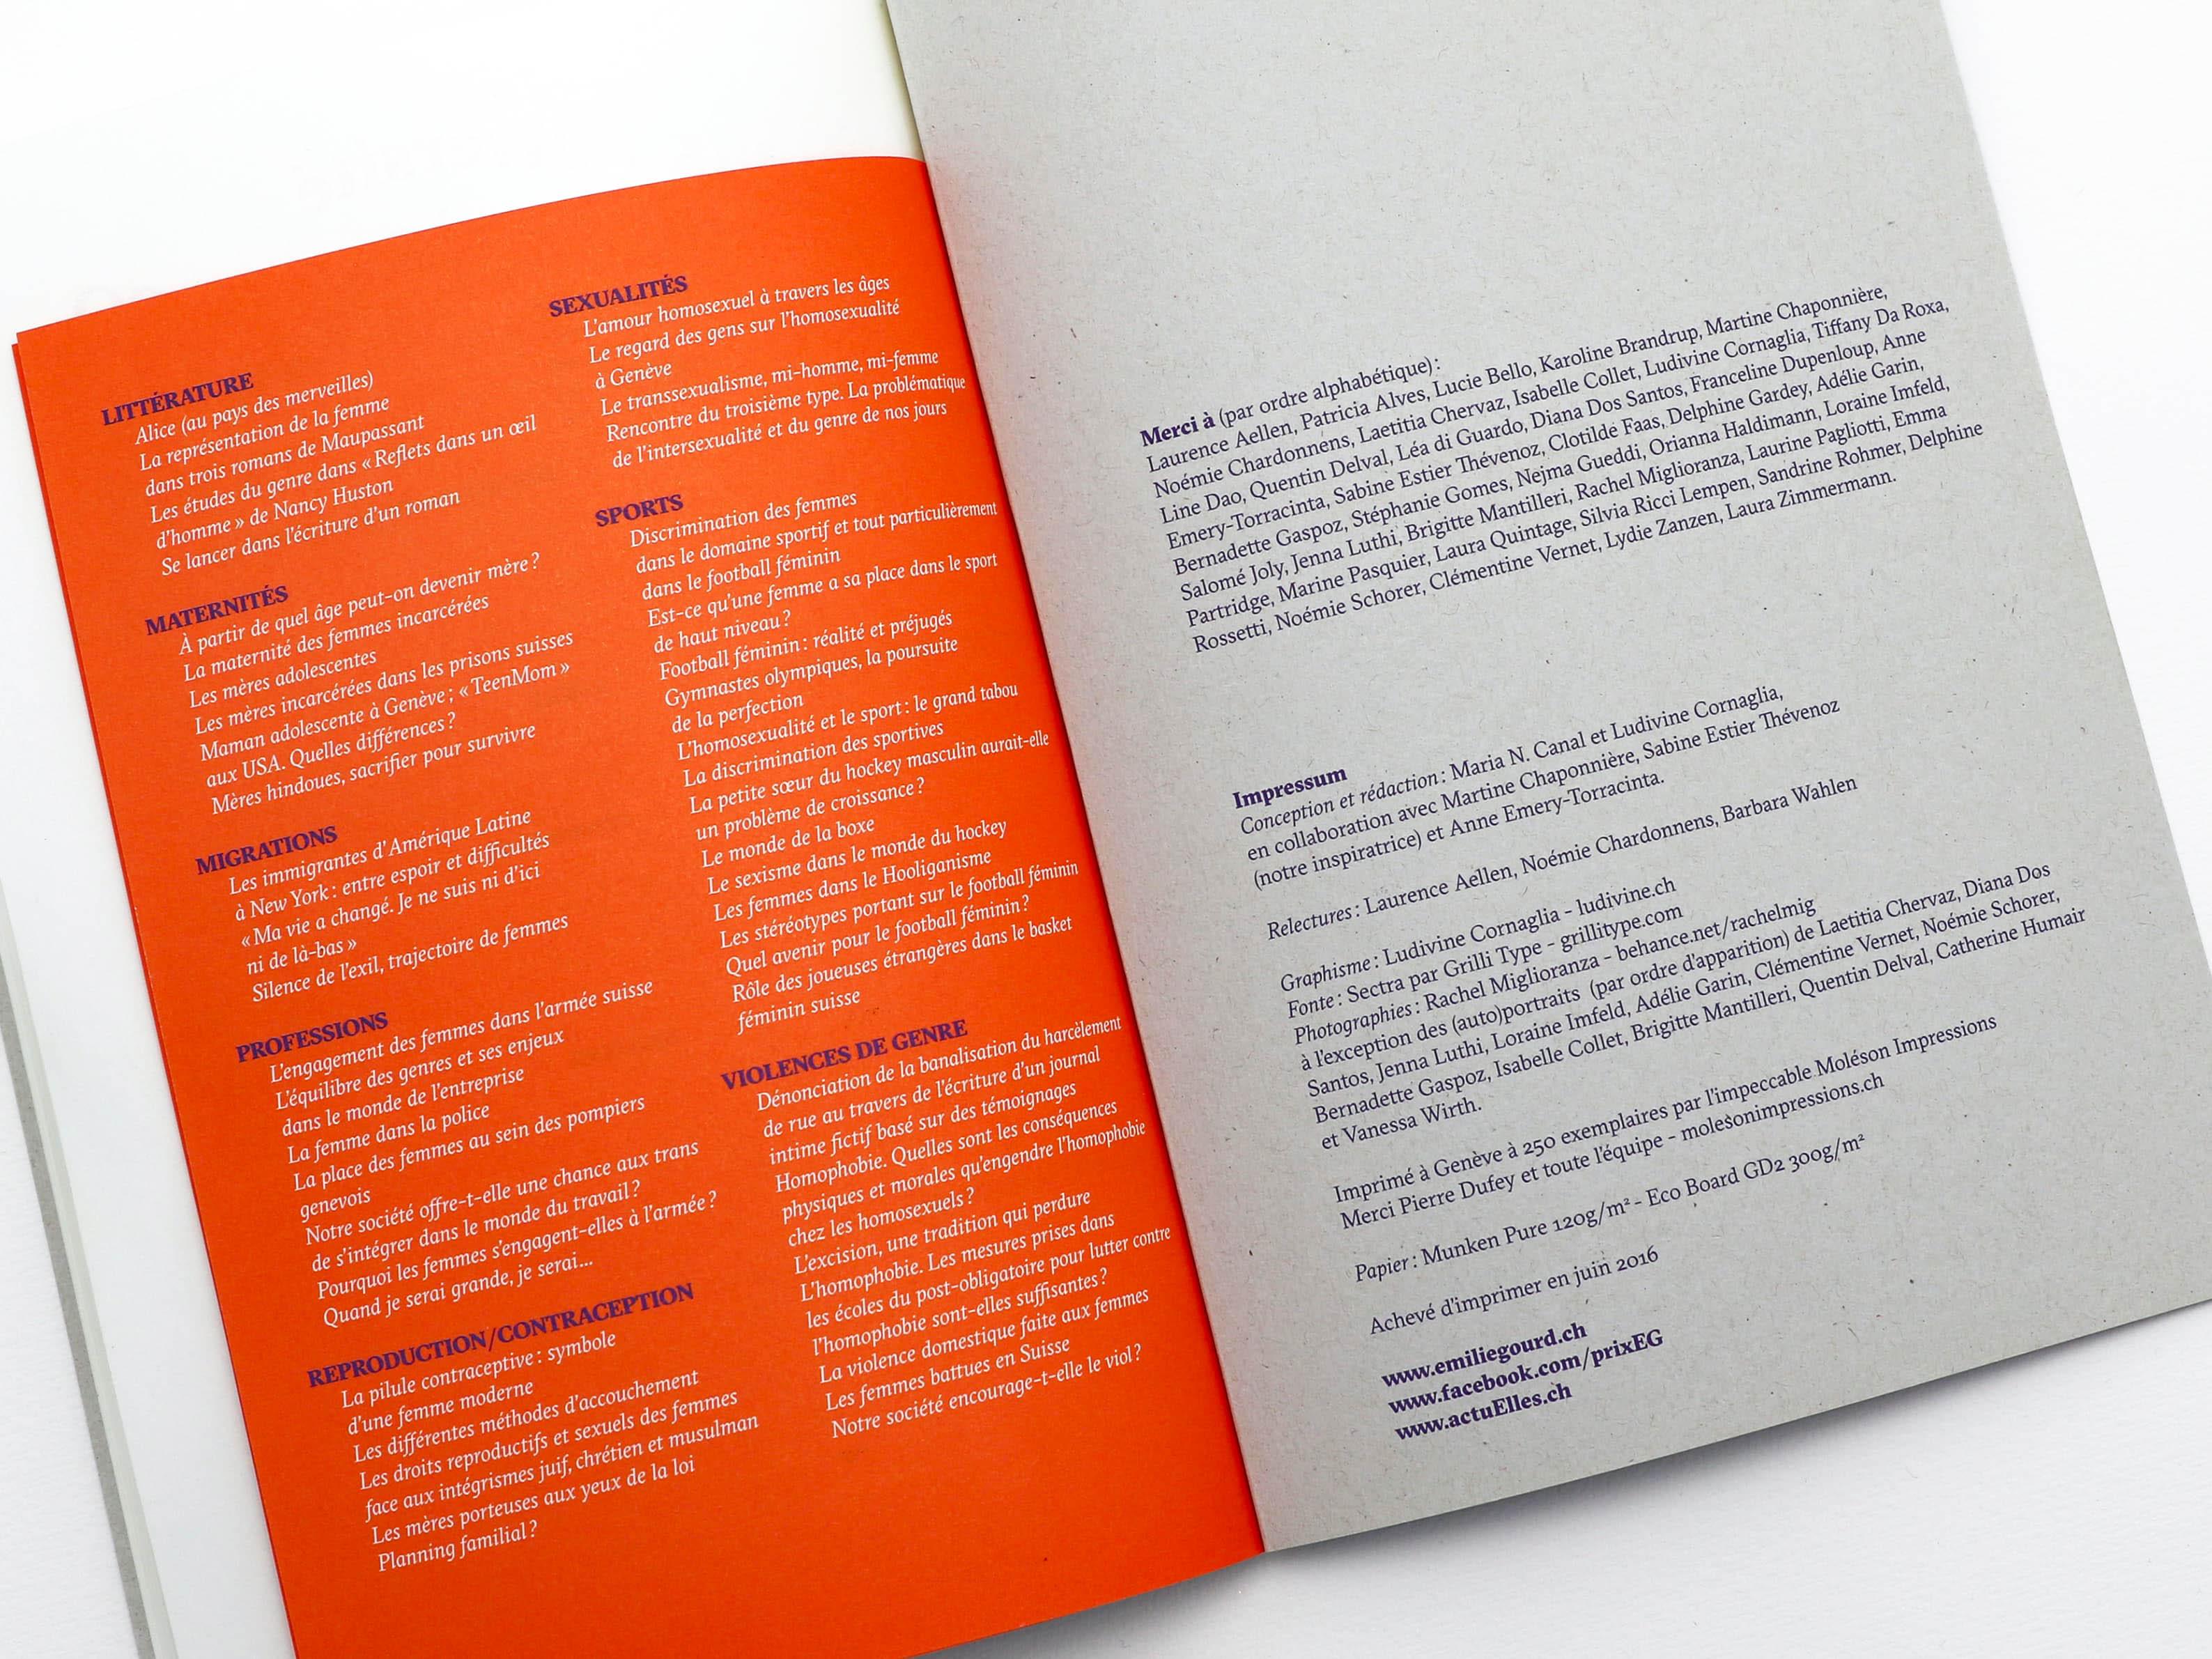 Impressum de la brochure commémorative des 5 ans du Prix Emilie Gourd à genève.